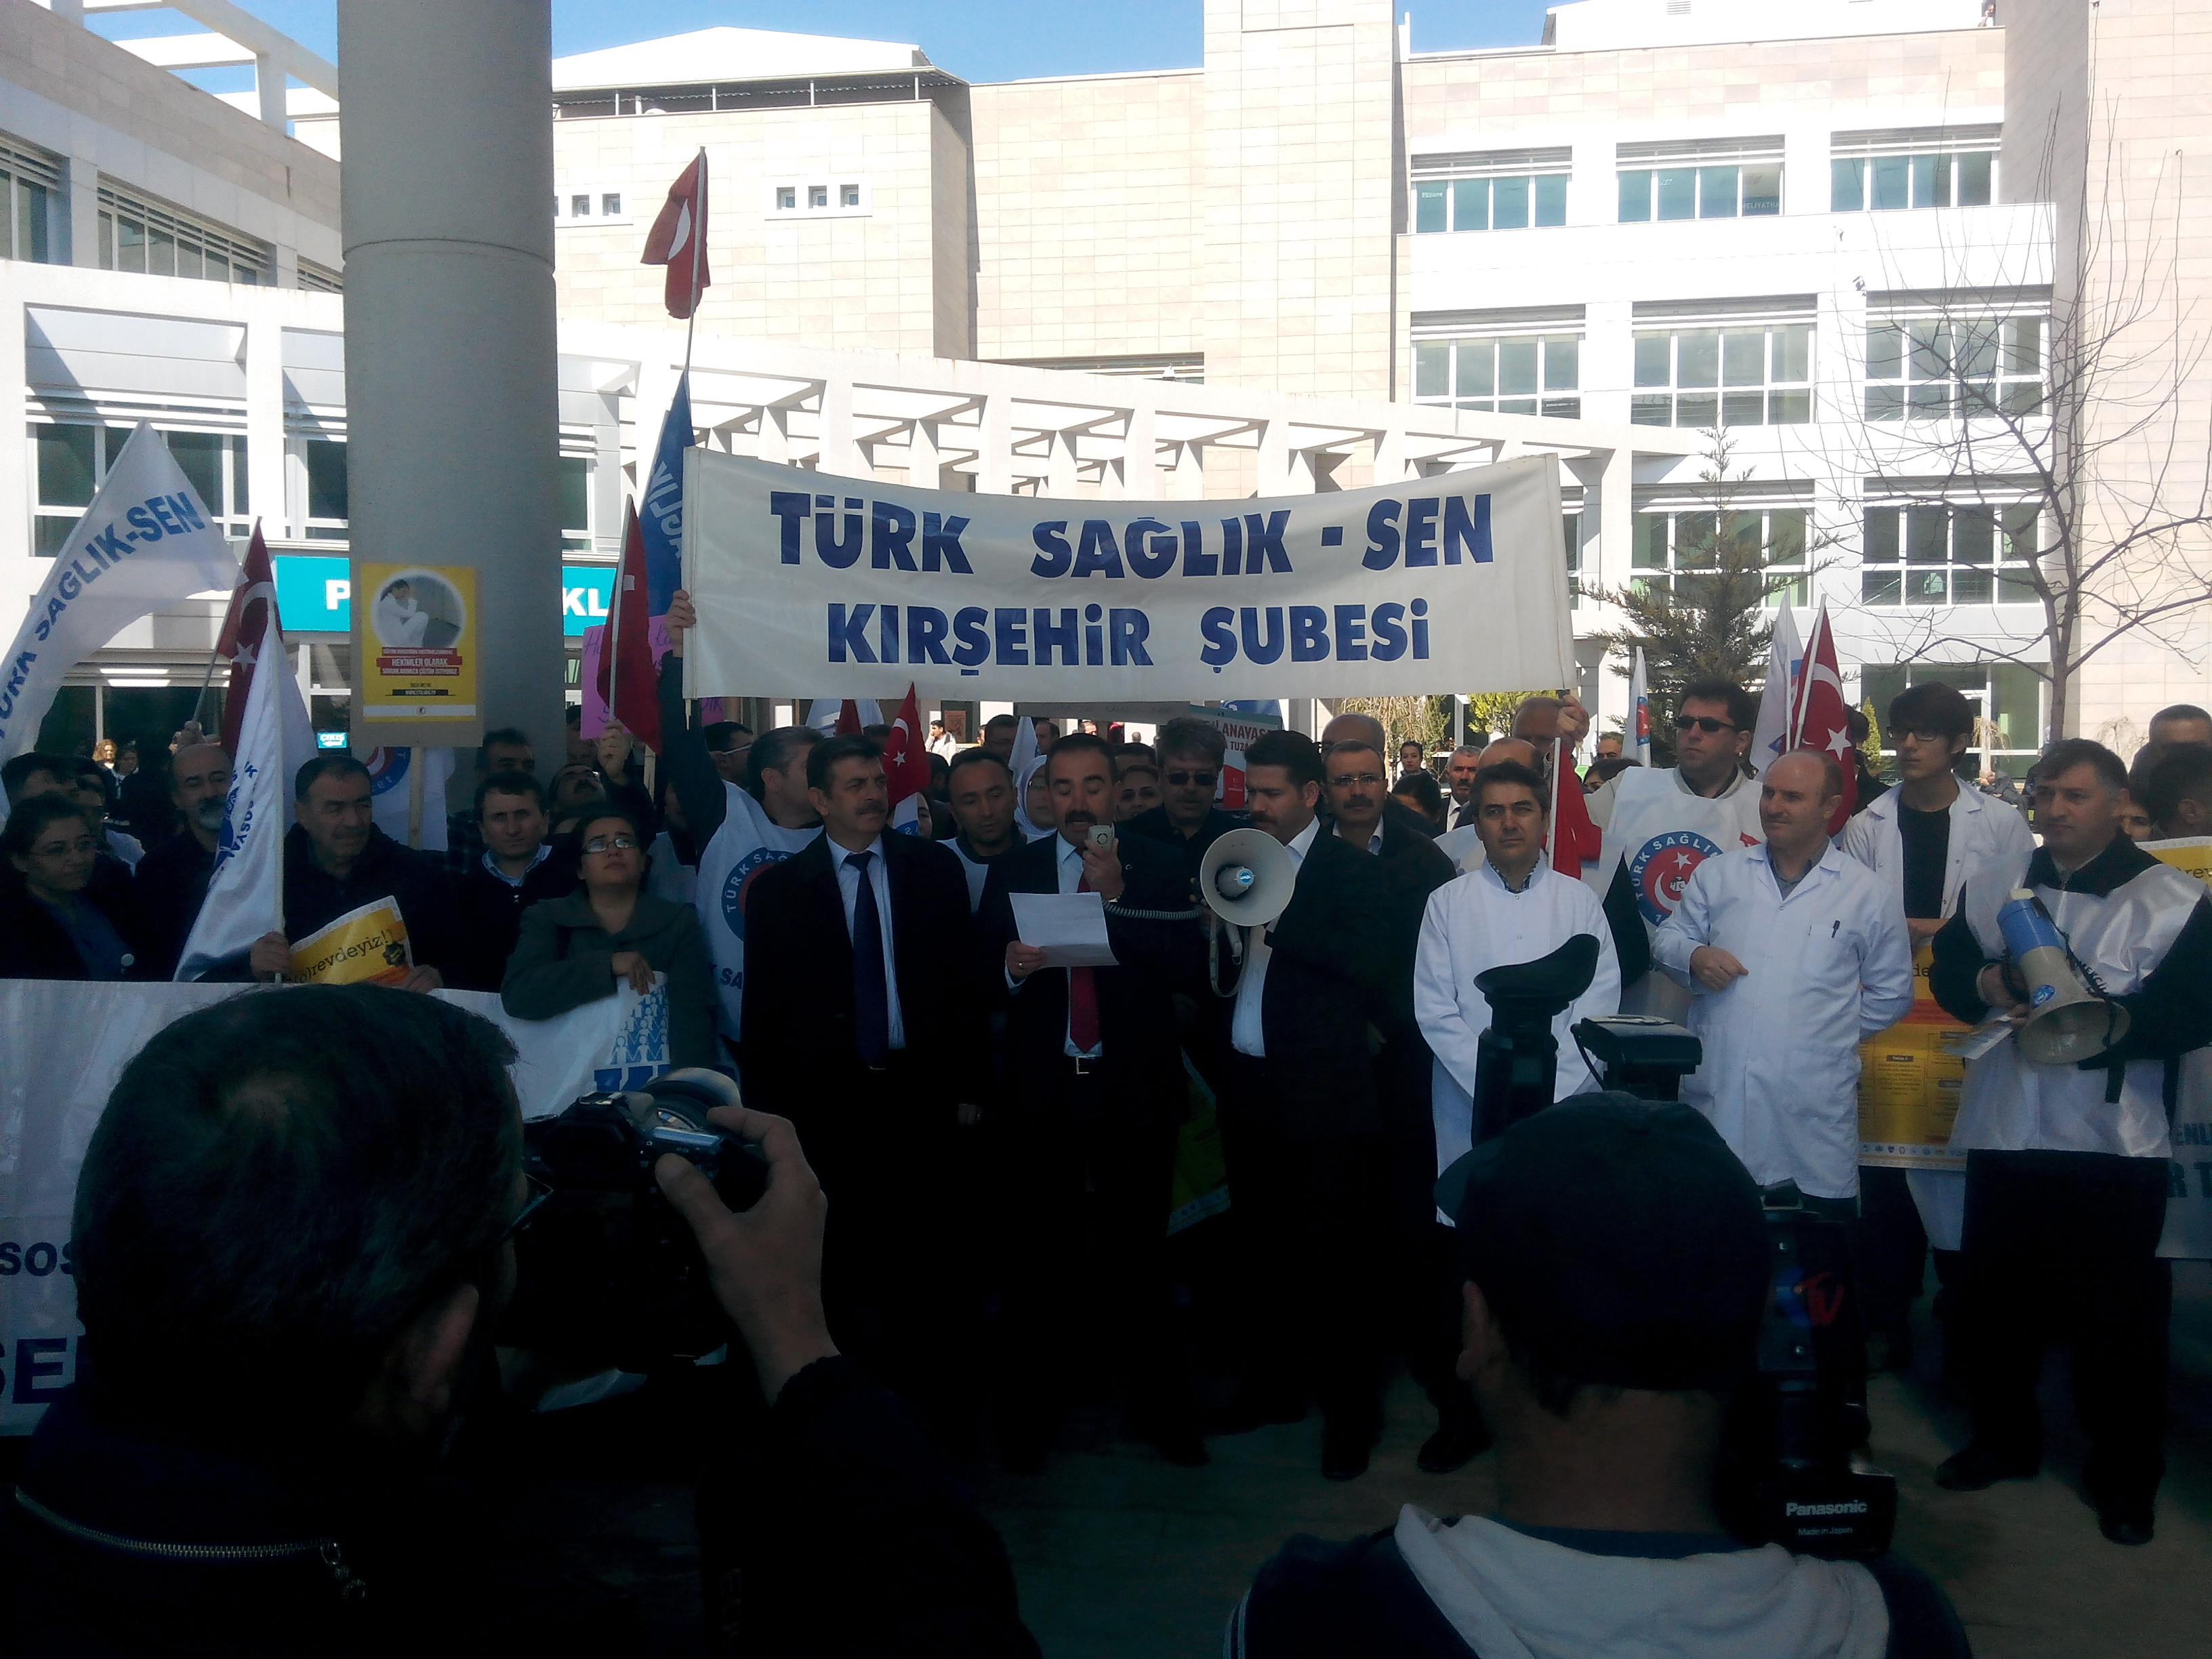 Kırşehir'de Sağlık Çalışanları İş Bırakma Eylemi Yaptı